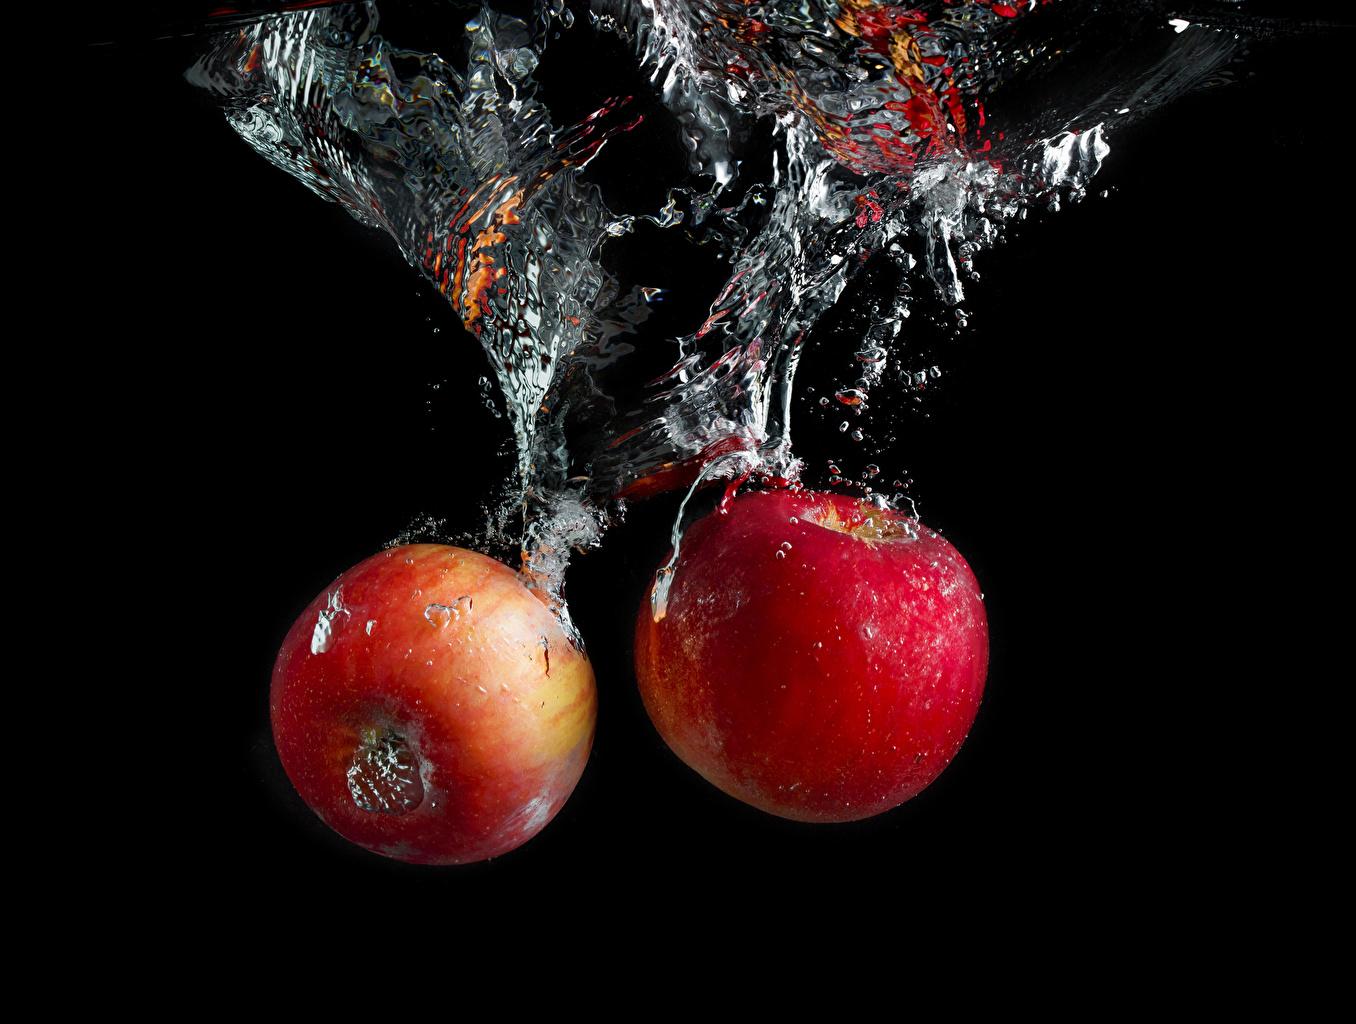 Фотография Пузырьки воды вдвоем Яблоки воде Продукты питания Черный фон 2 два две Двое Еда Пища Вода на черном фоне